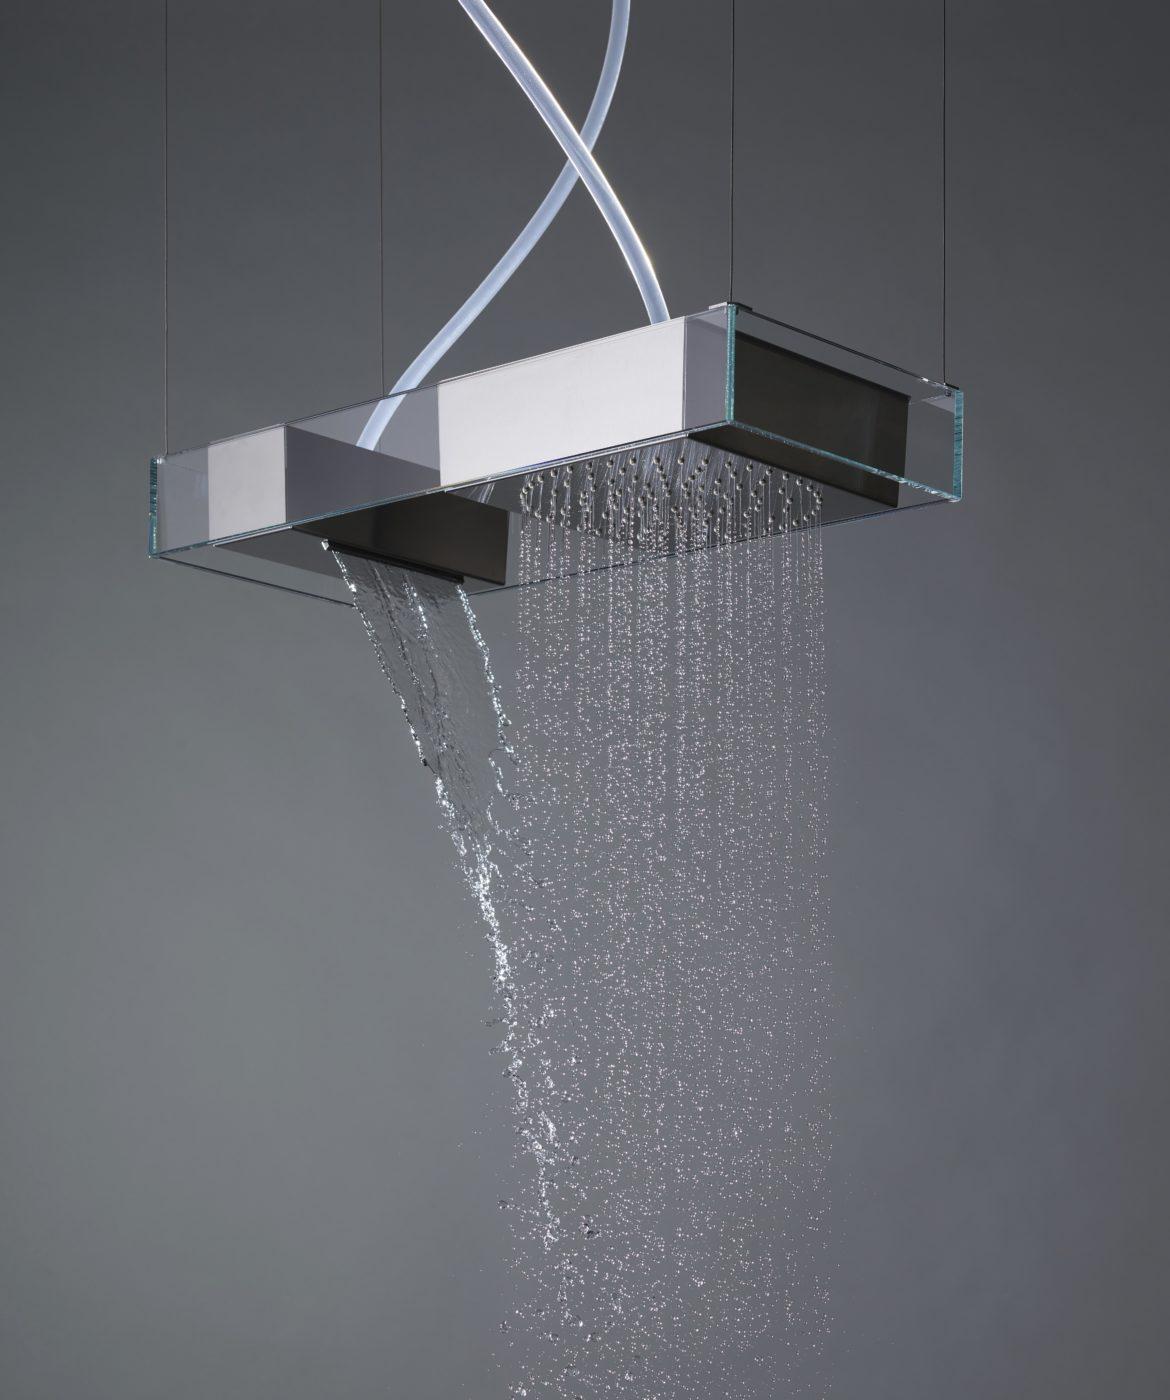 Soffione Moove, installazione a soffitto